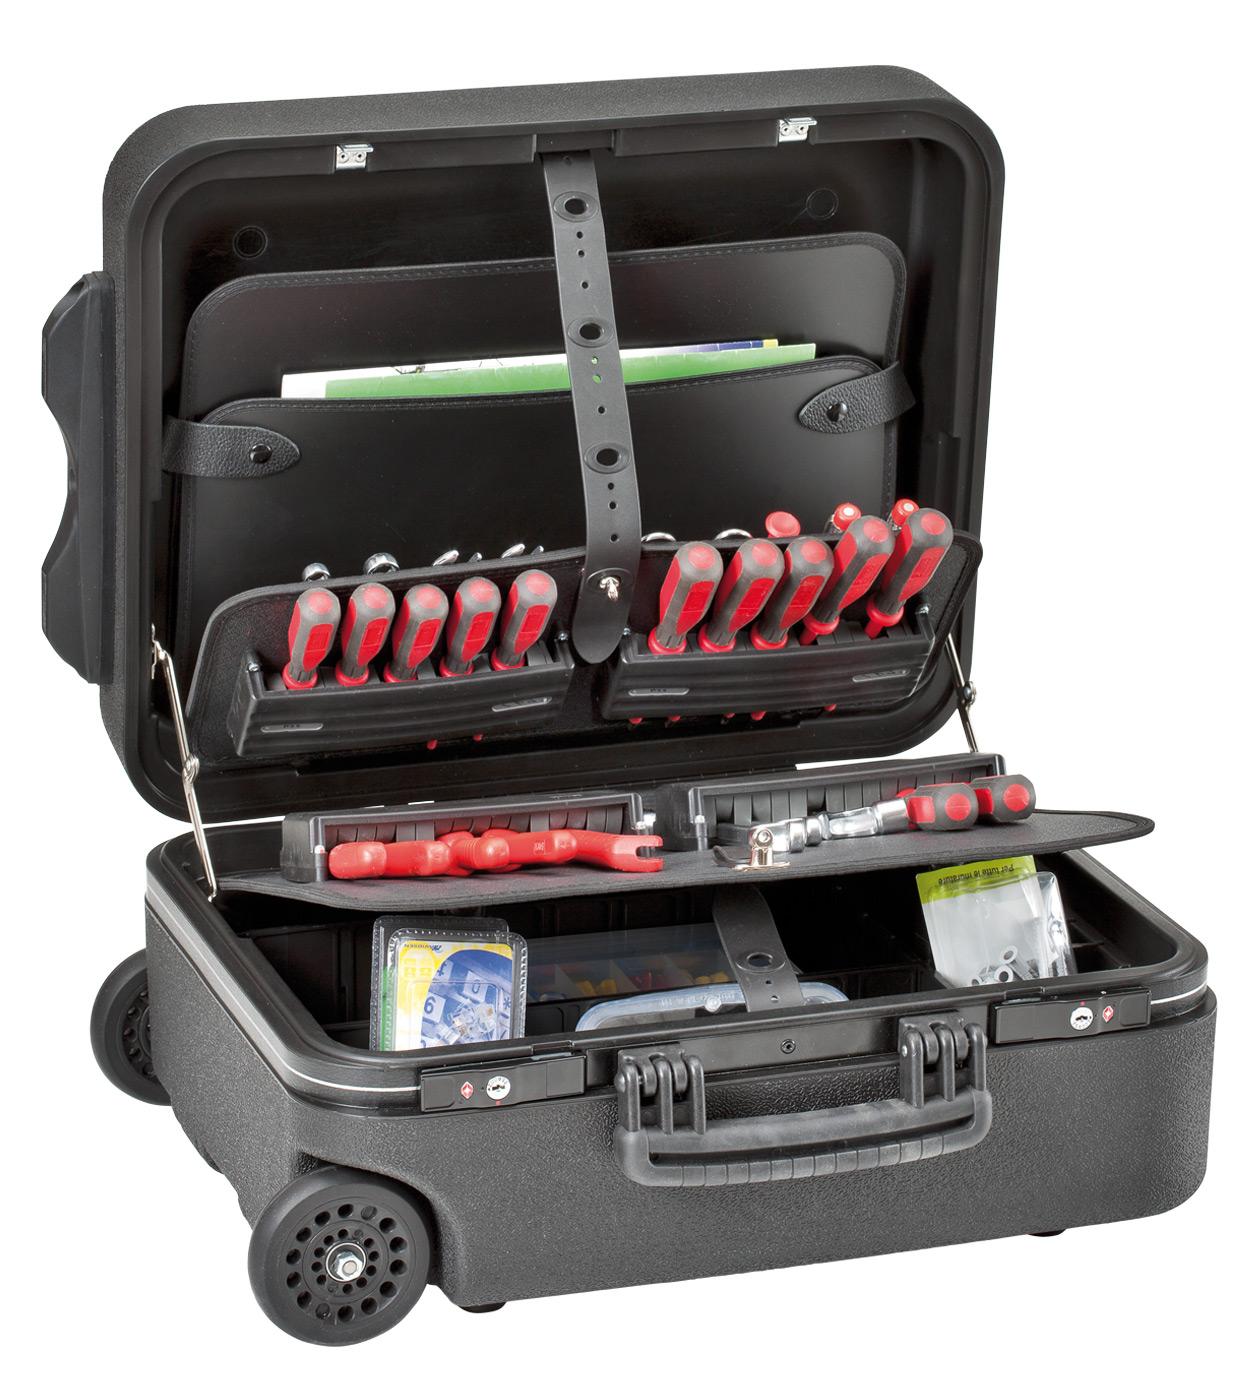 Kofer za alat 453x345x185mm s utičnim pretincima za alat NMW PSS